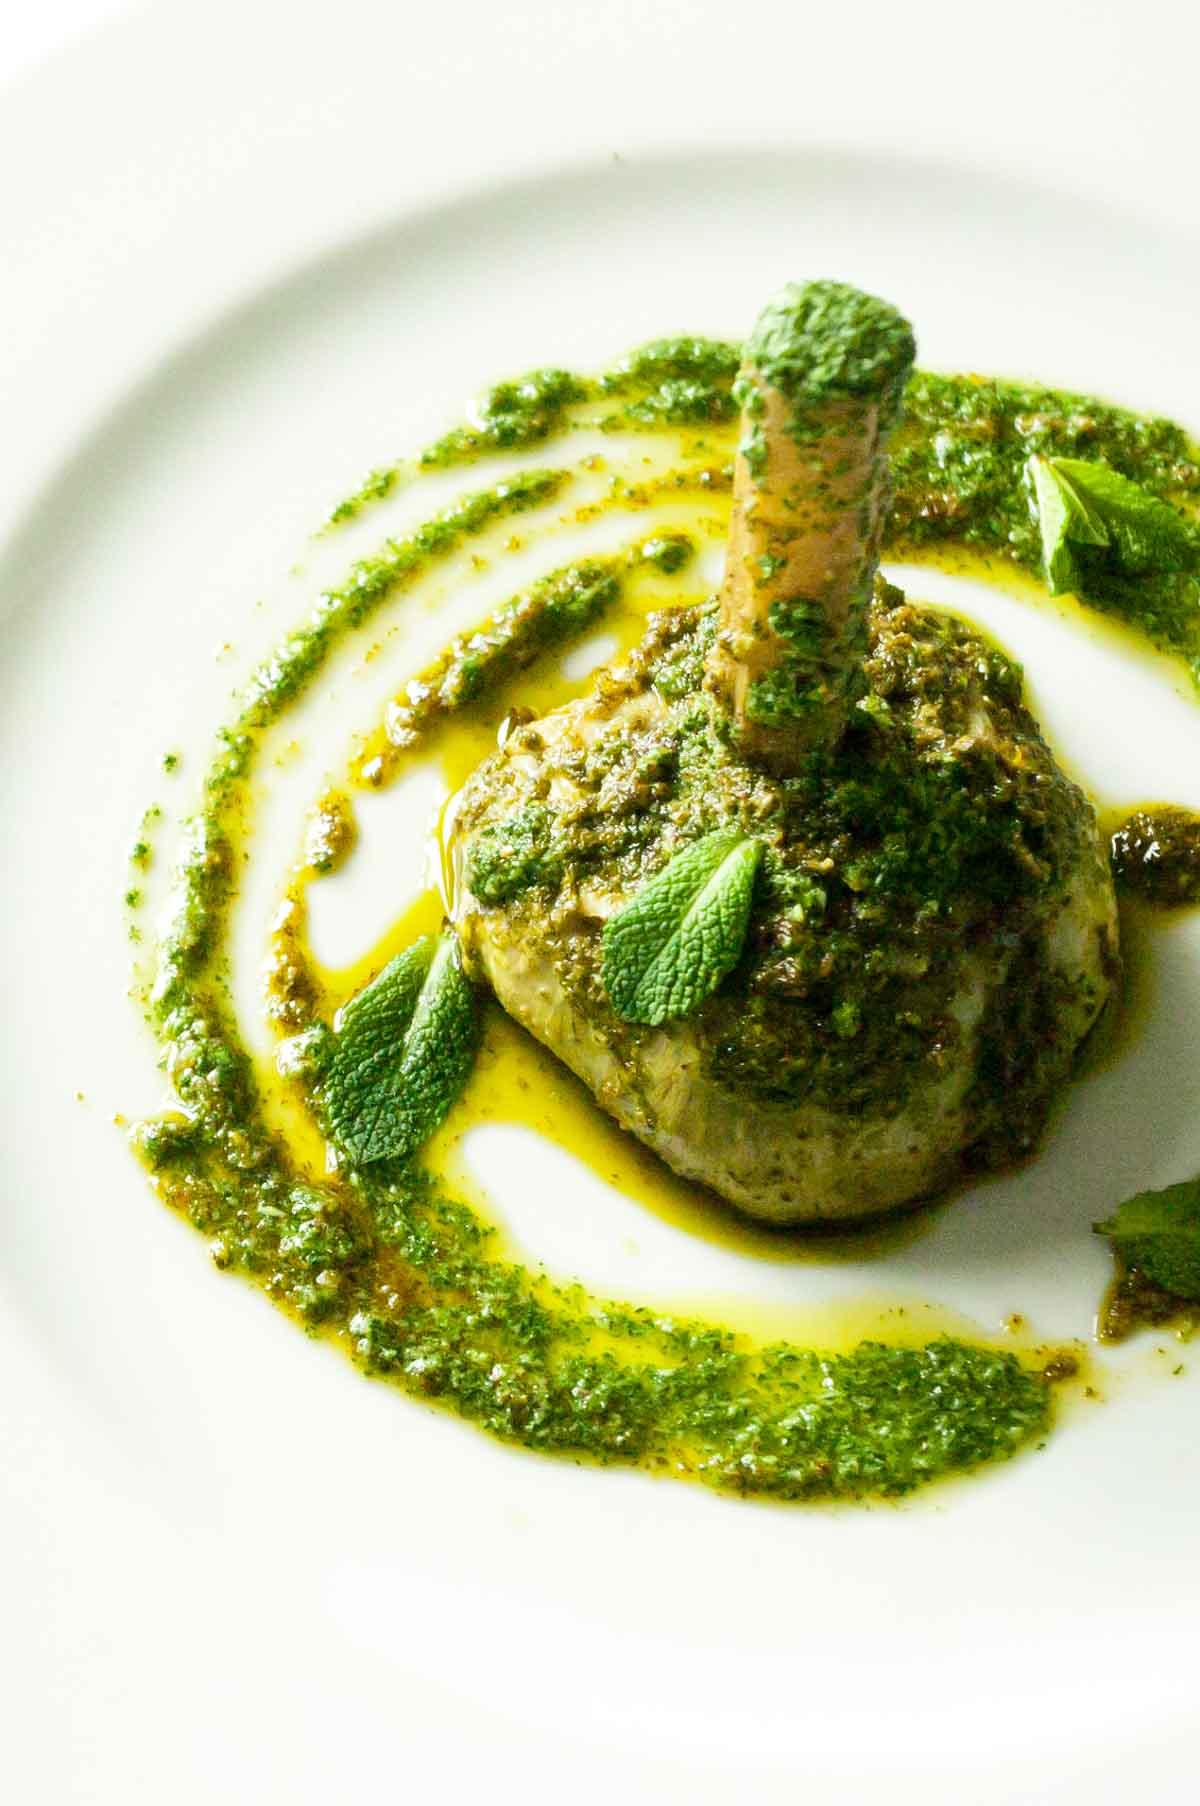 Artichokes with mint pesto (carciofi alla Romana)